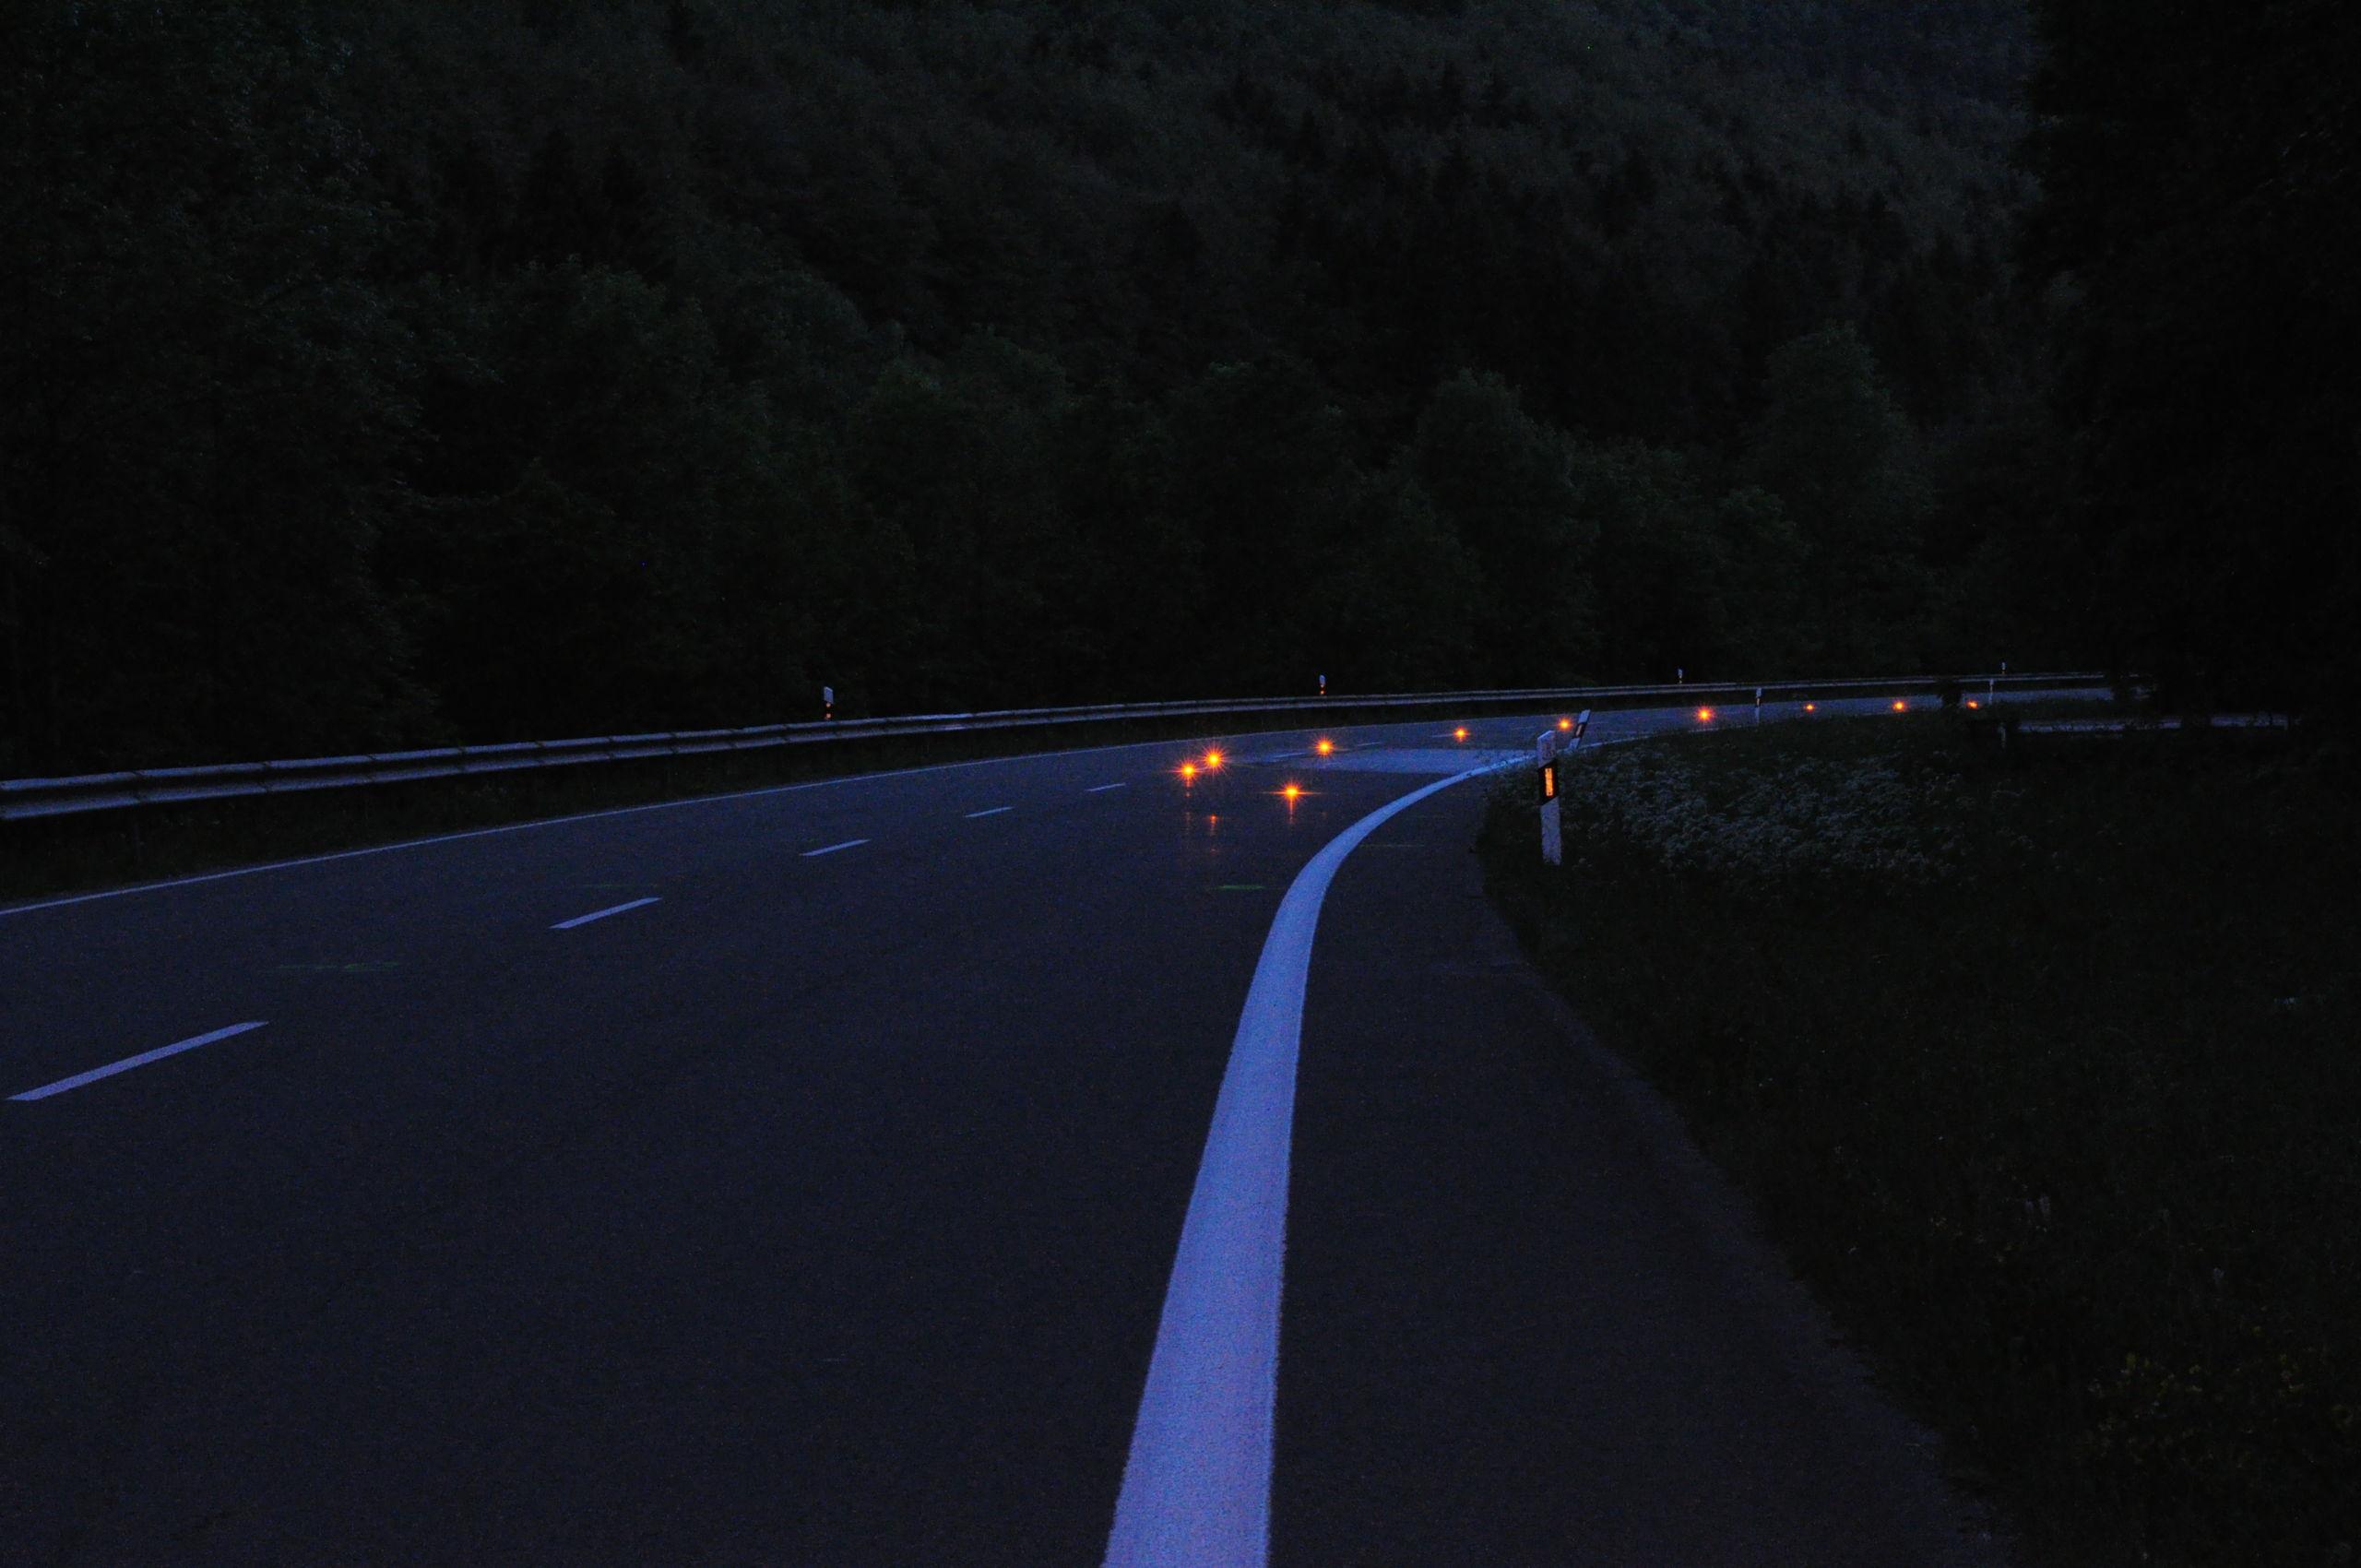 Unfallort mit Nightsearchern kenntlich machen